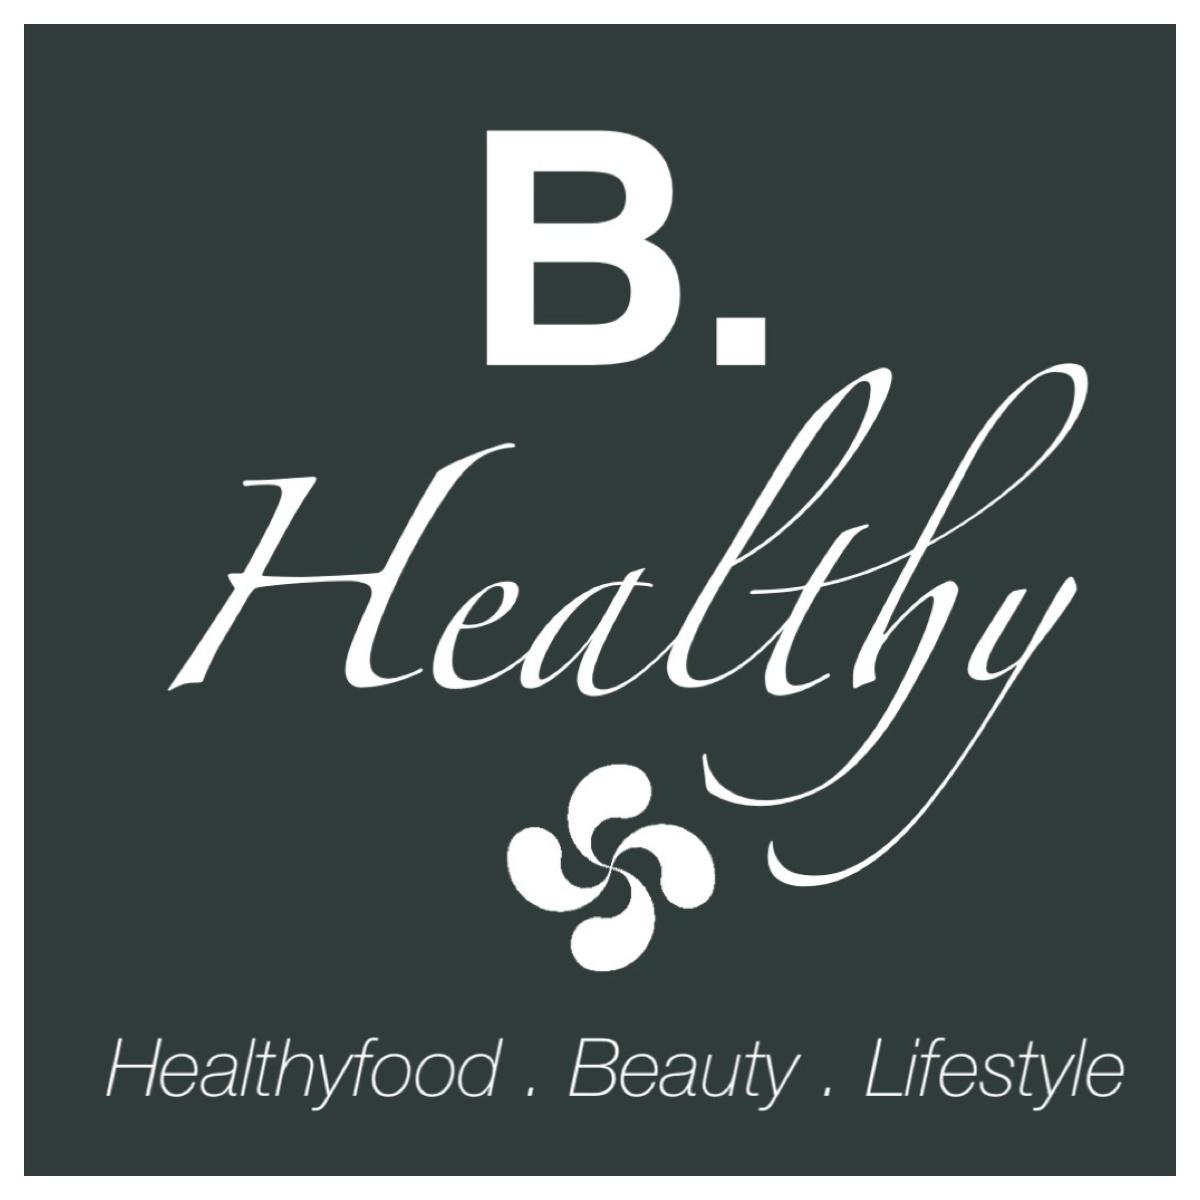 B. Healthy